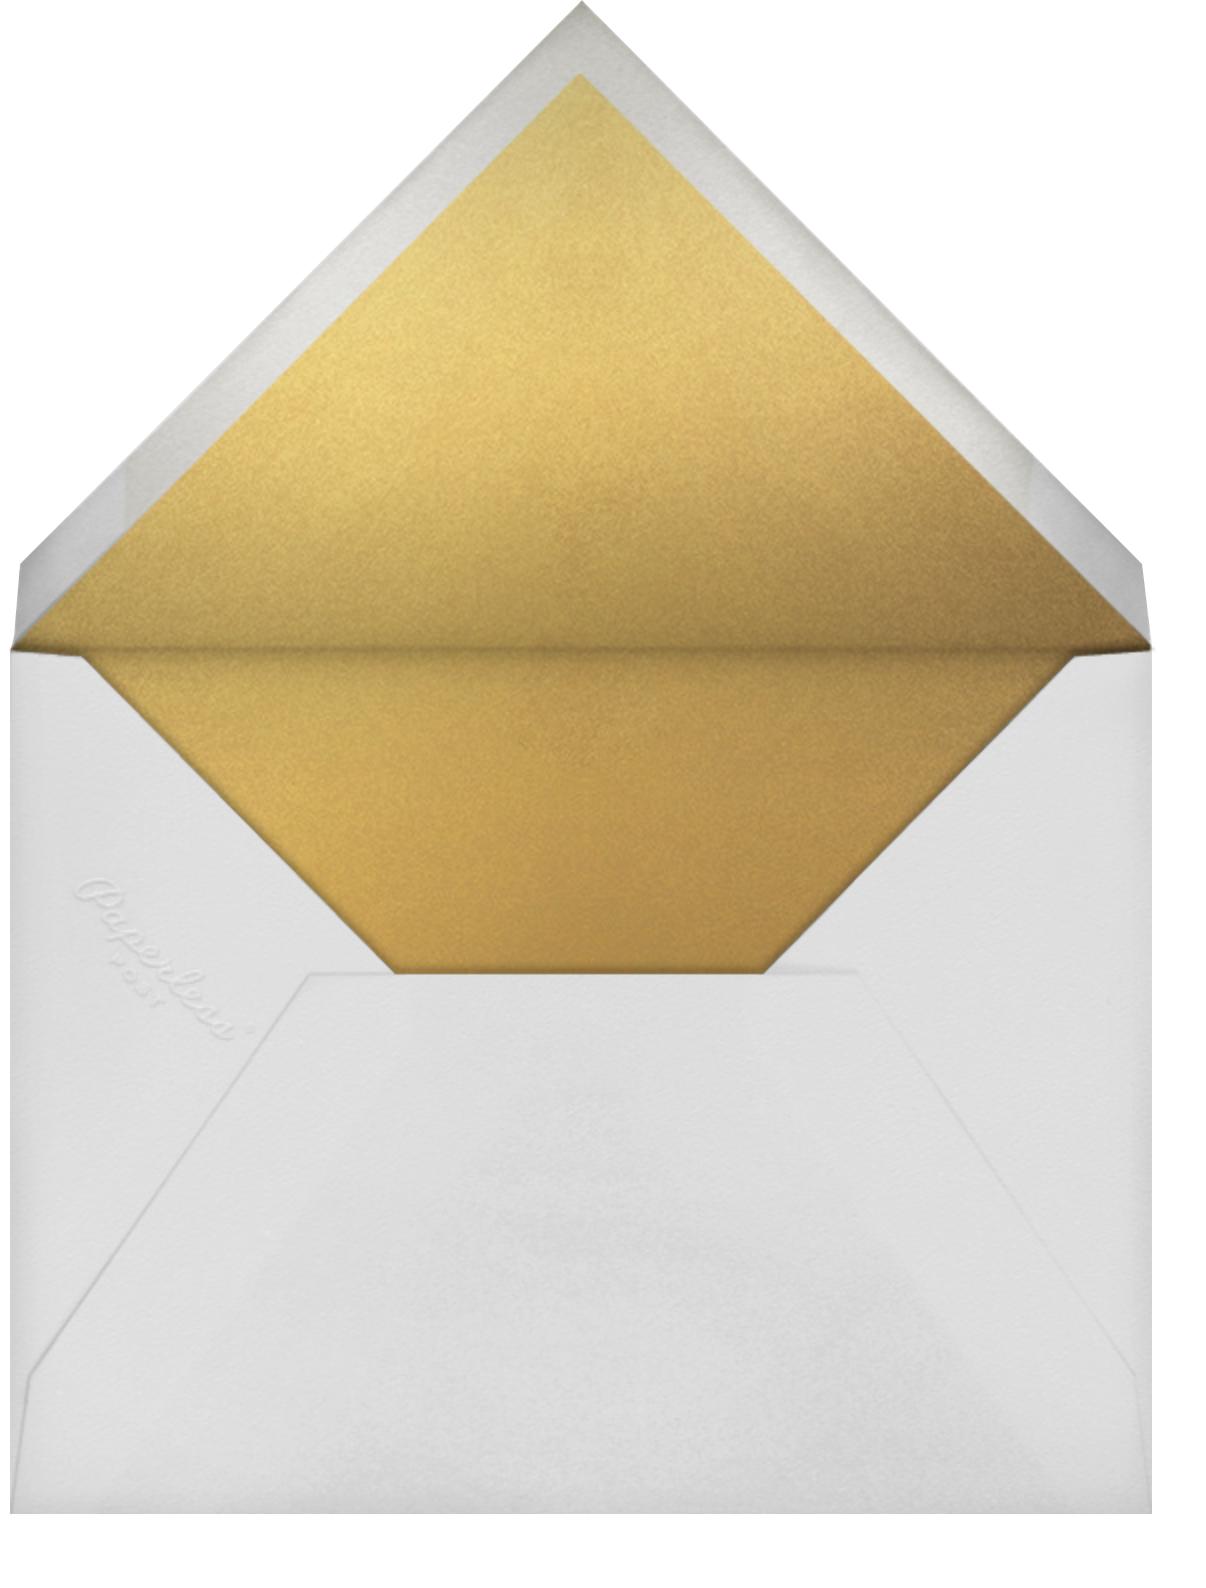 Baby's Breath - Oscar de la Renta - Company holiday party - envelope back